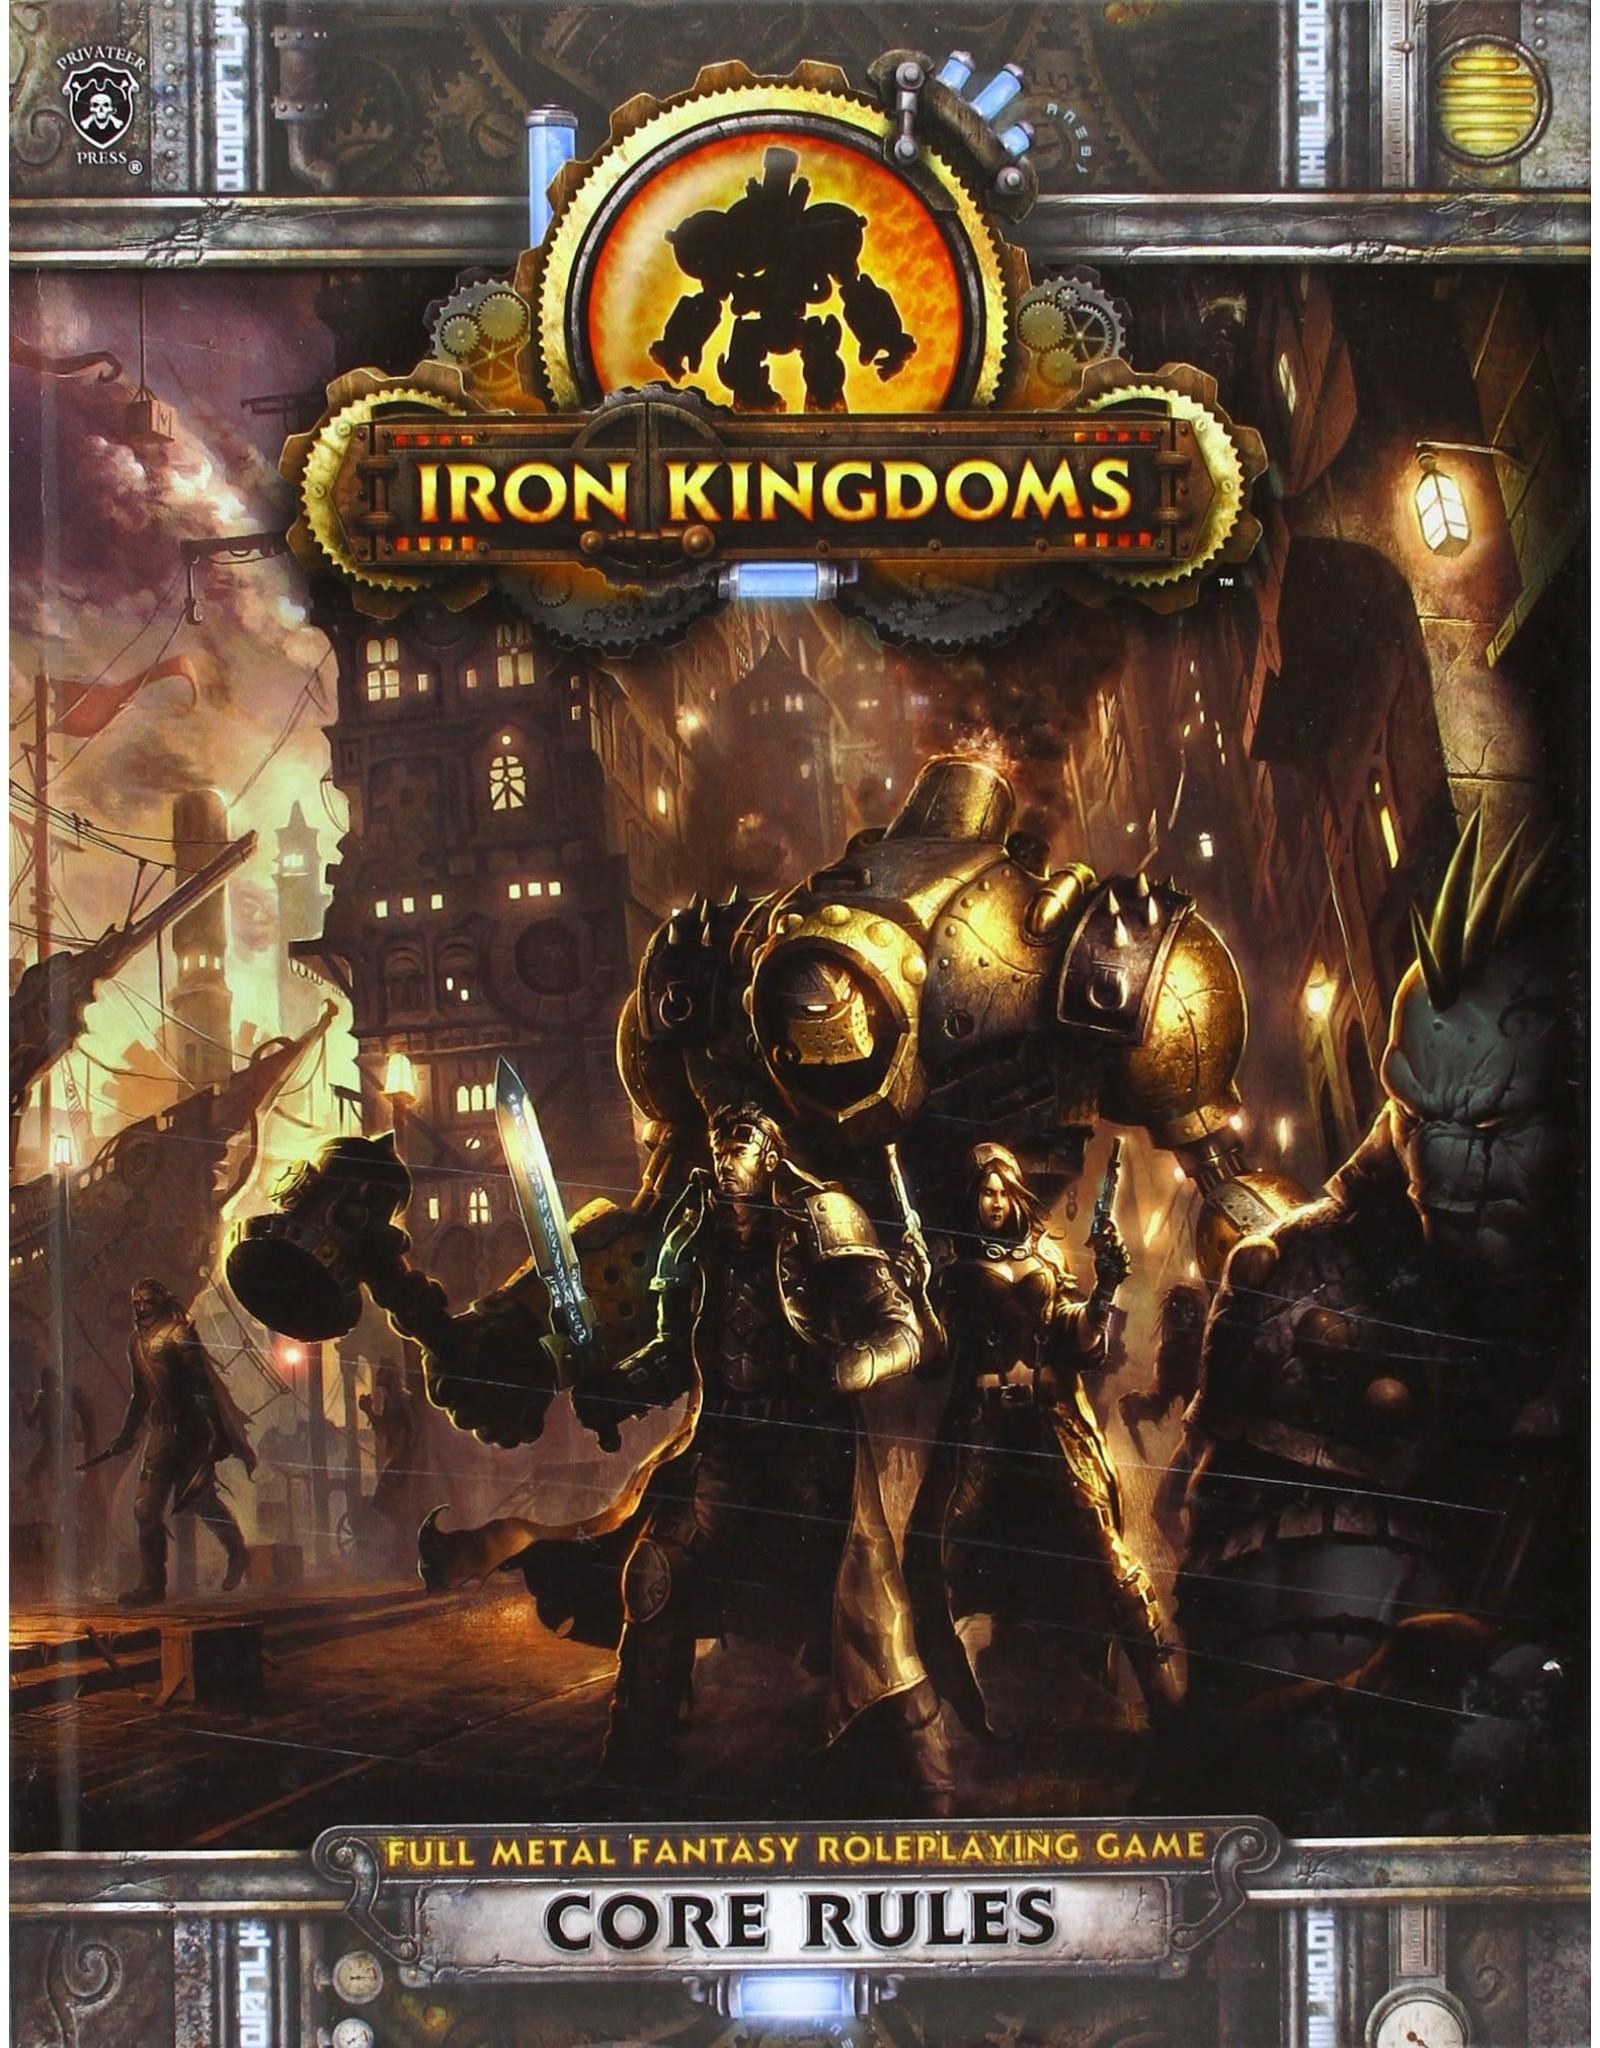 Iron Kingdoms Full Metal Fantasy RPG Core Rulebook